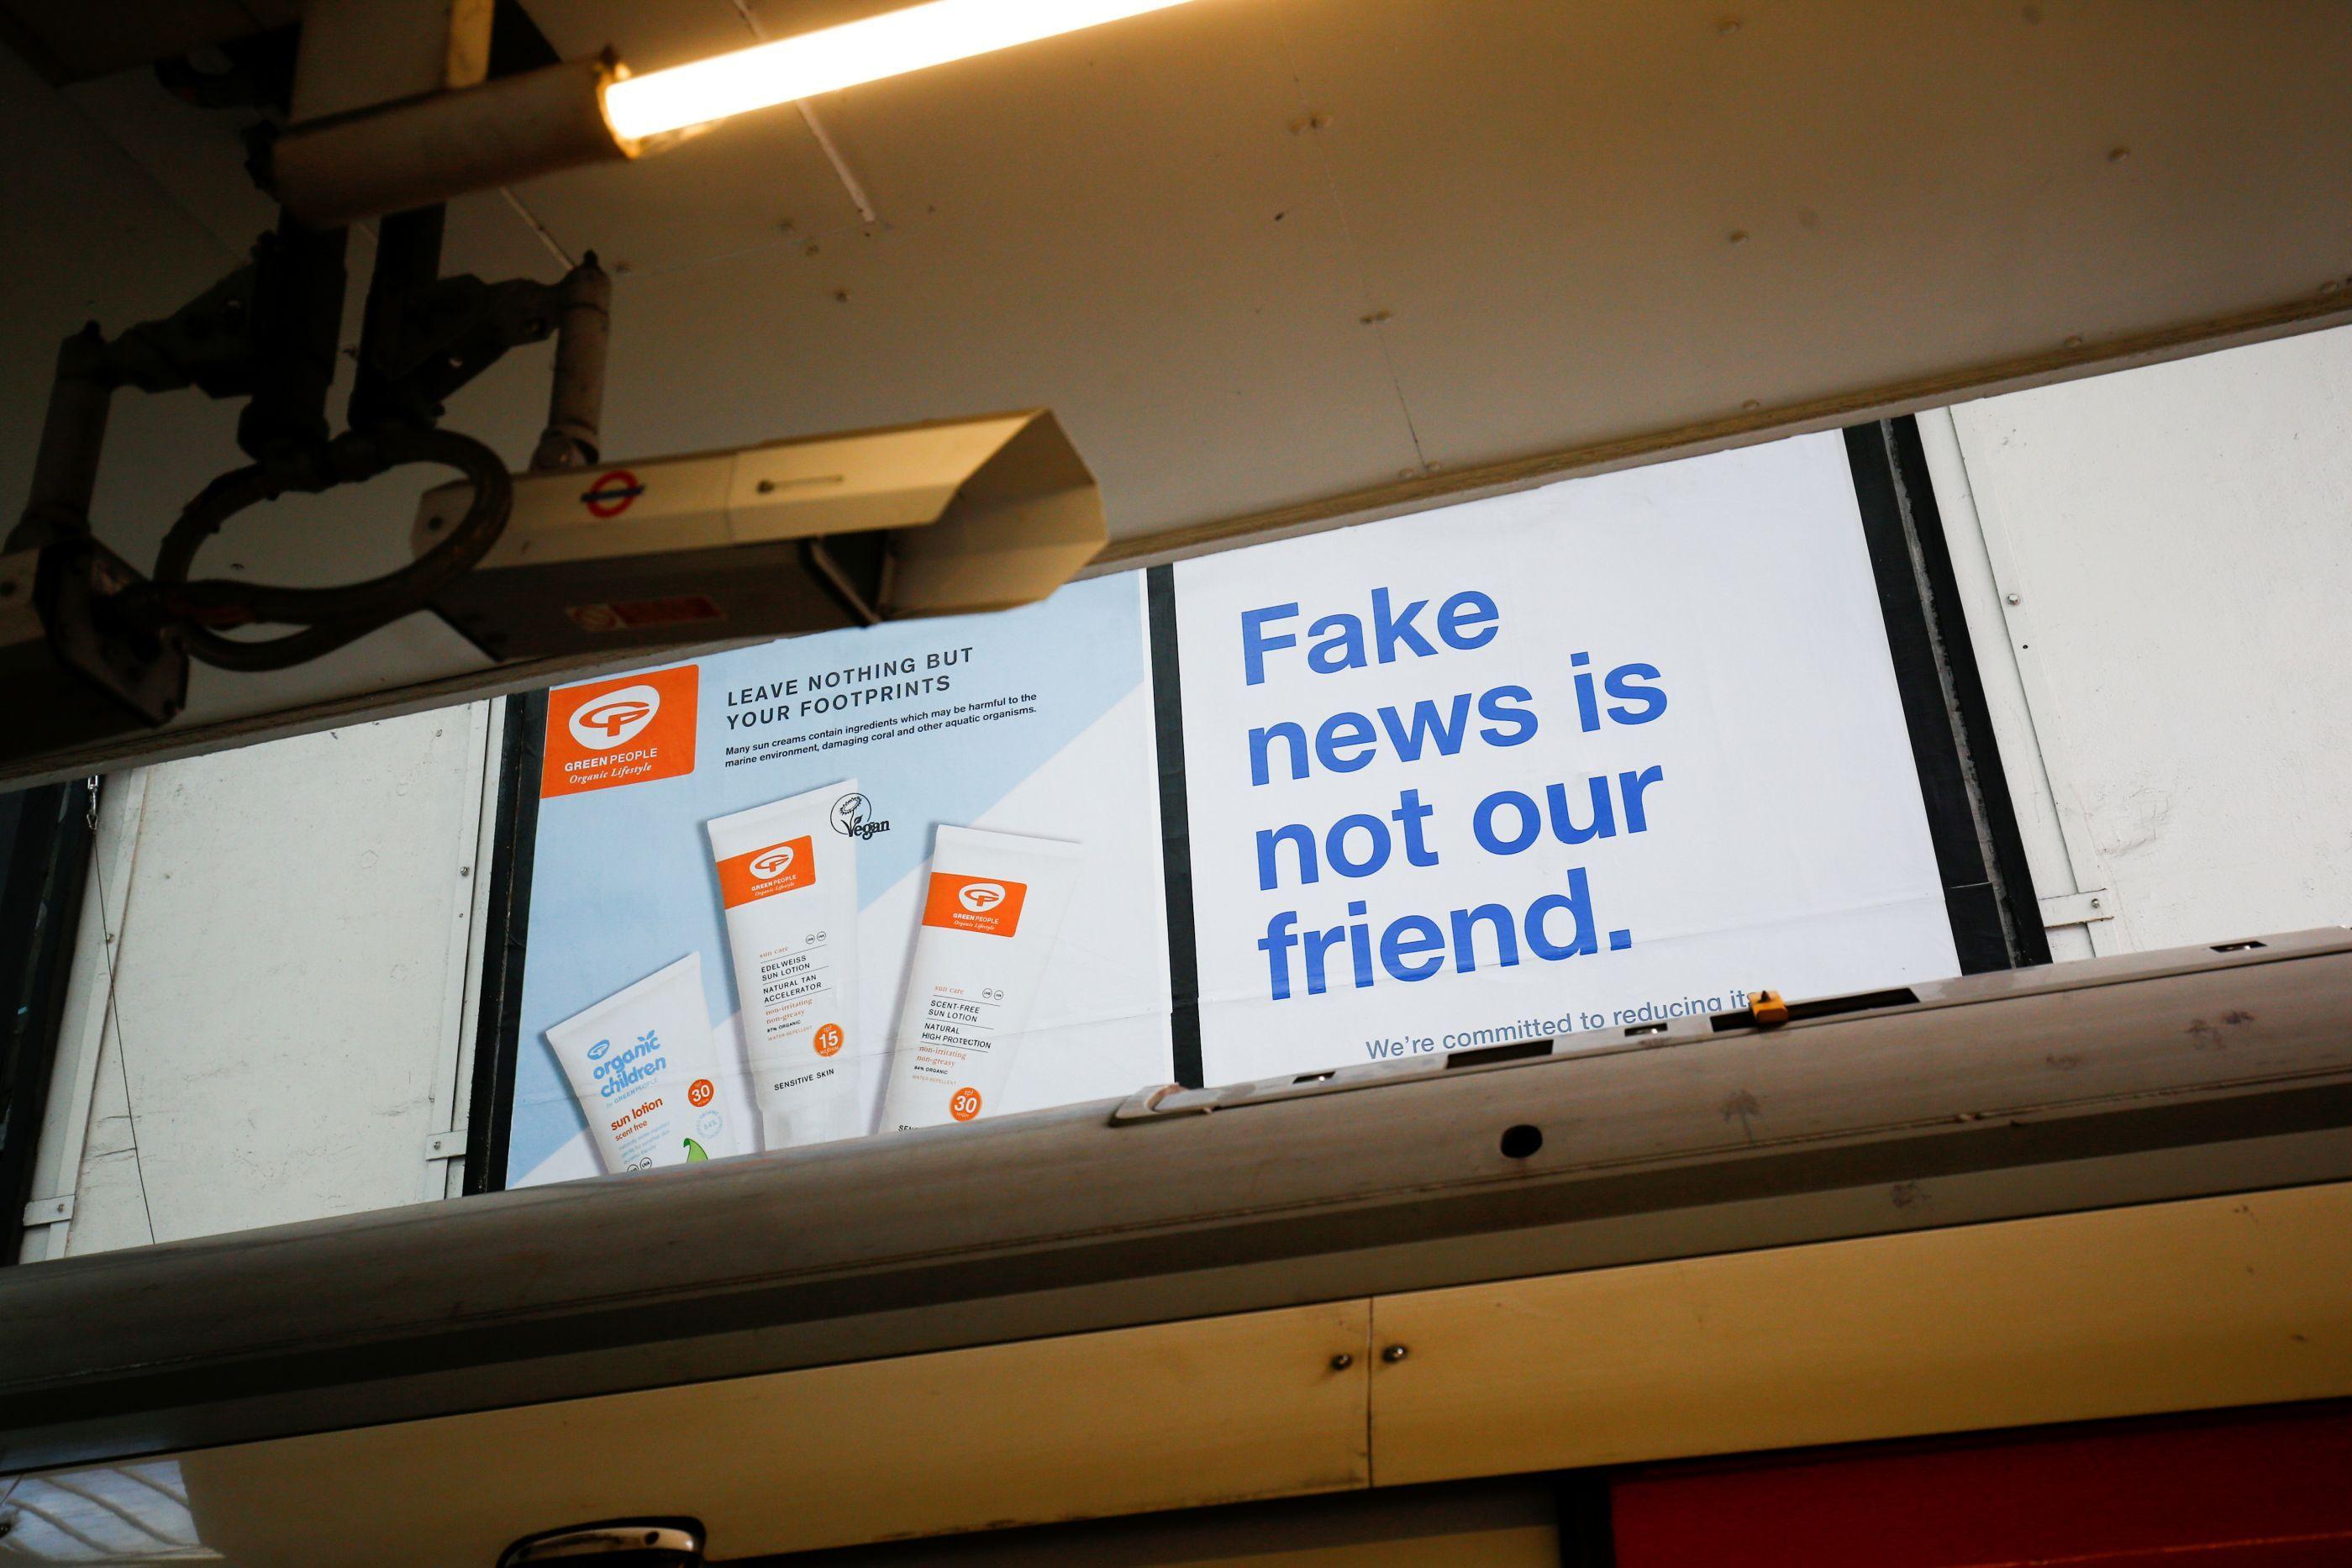 Sociedade mais consciente dos riscos da desinformação